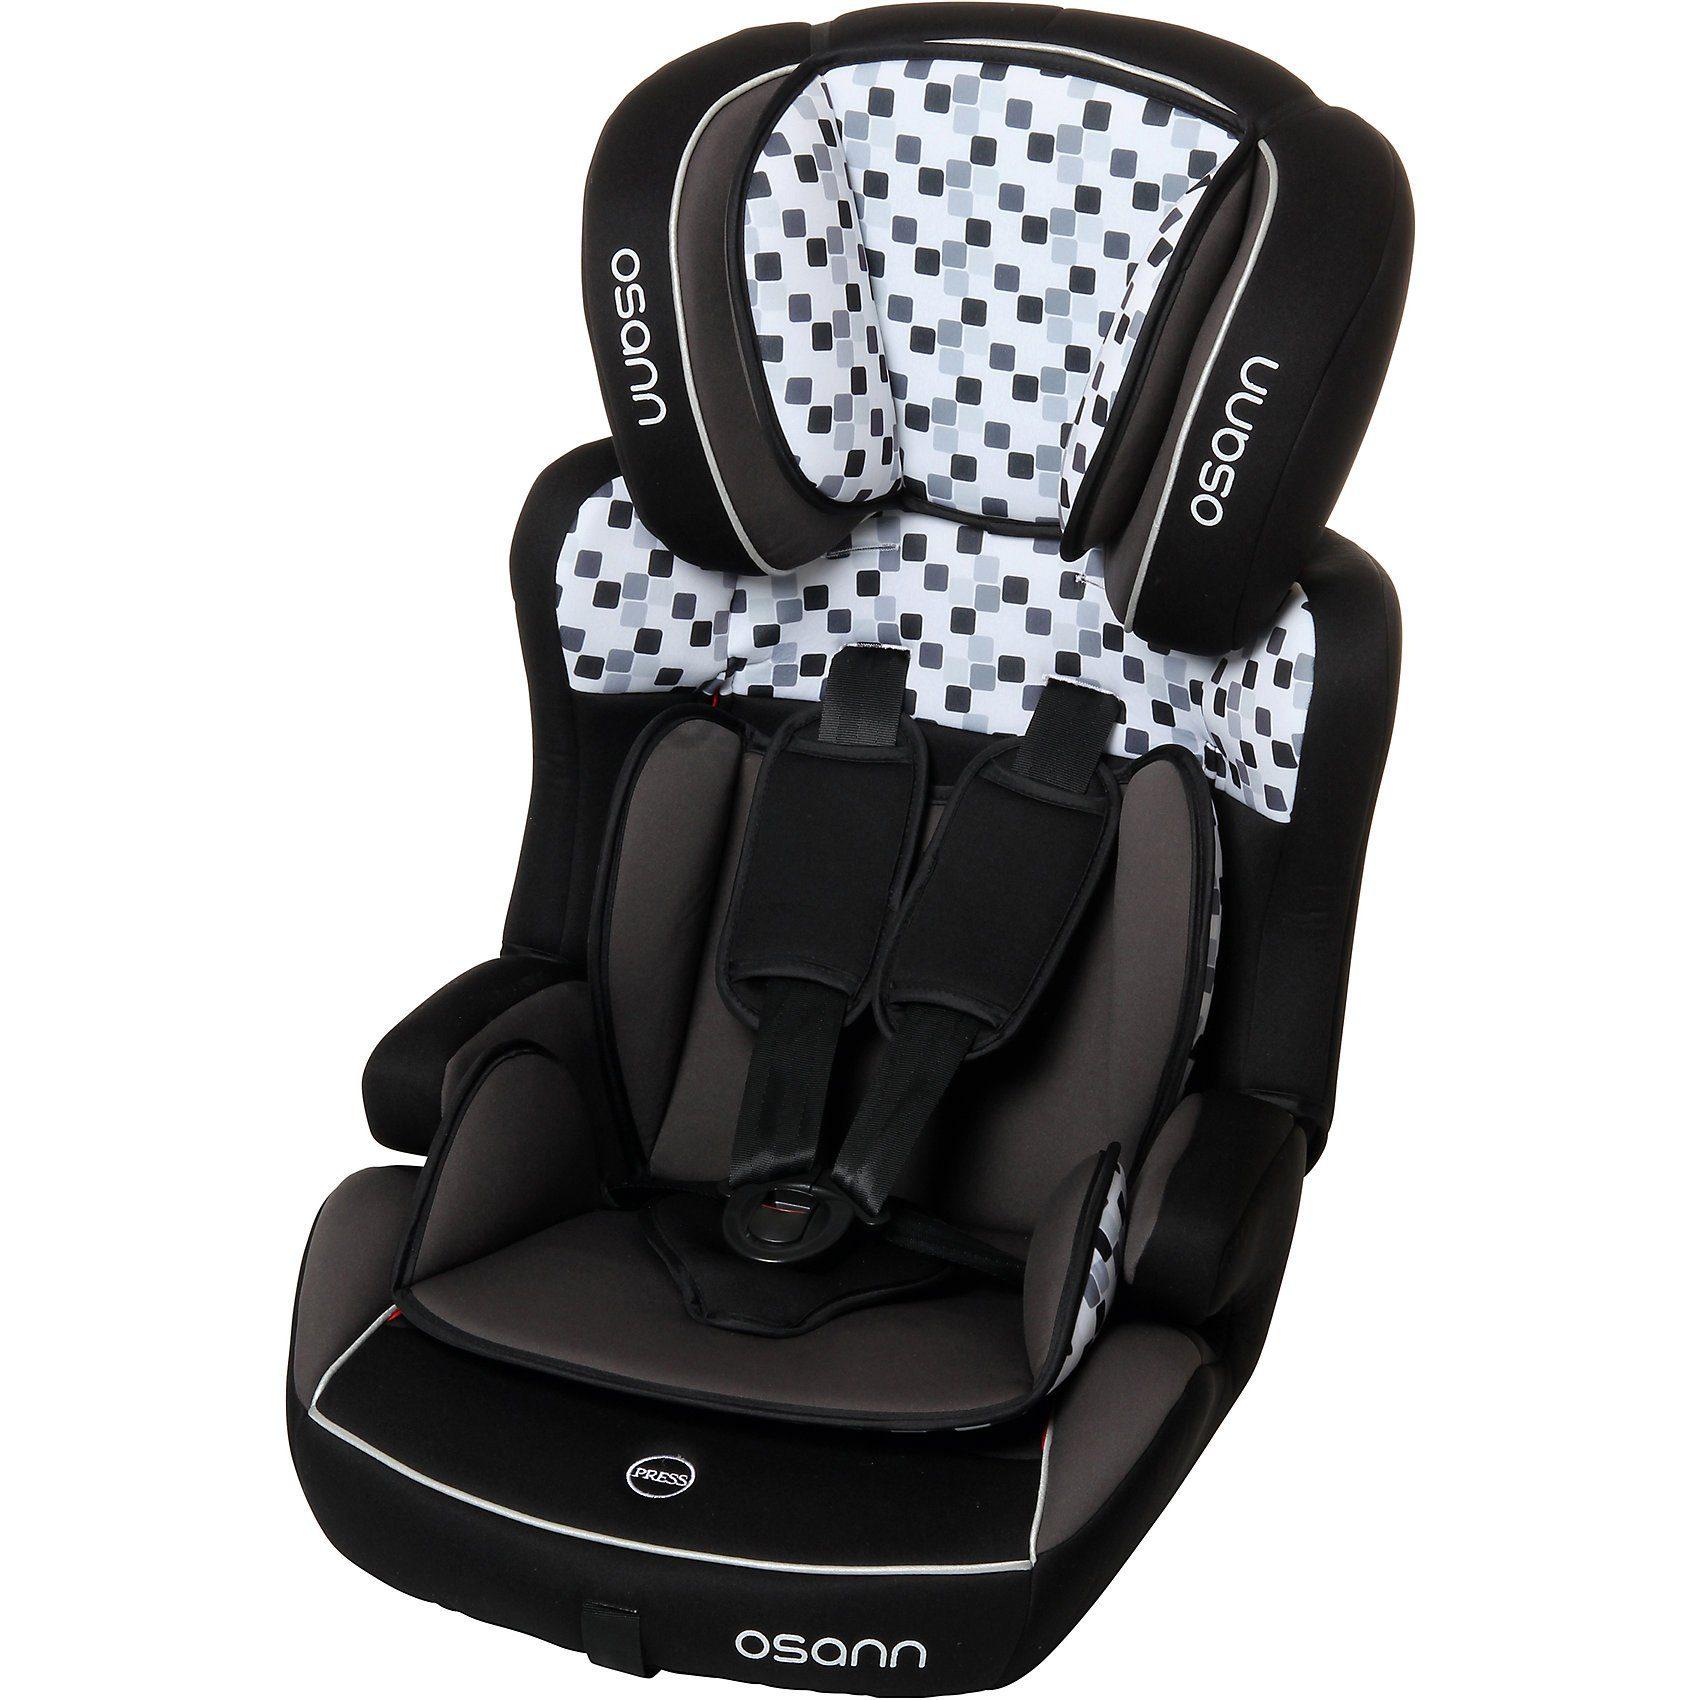 Osann Auto-Kindersitz Lupo Isofix, Cube Black, 2018